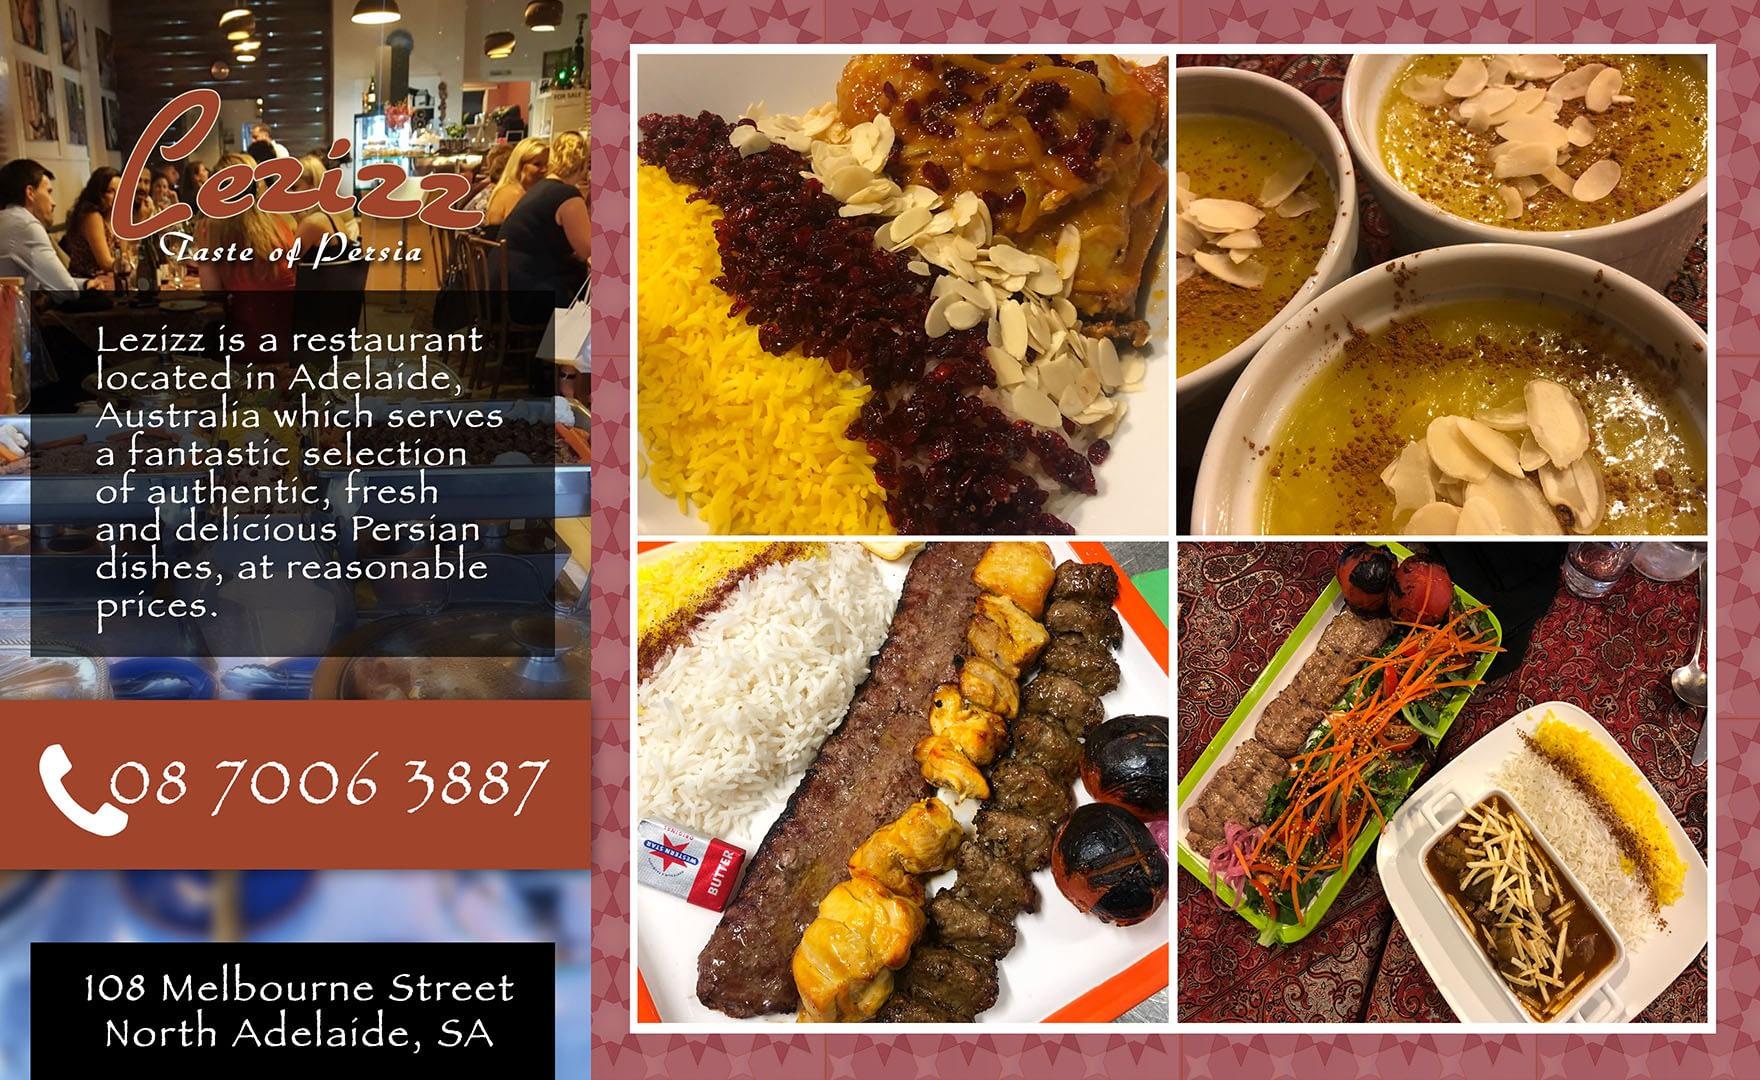 Lezizz Taste of Persia